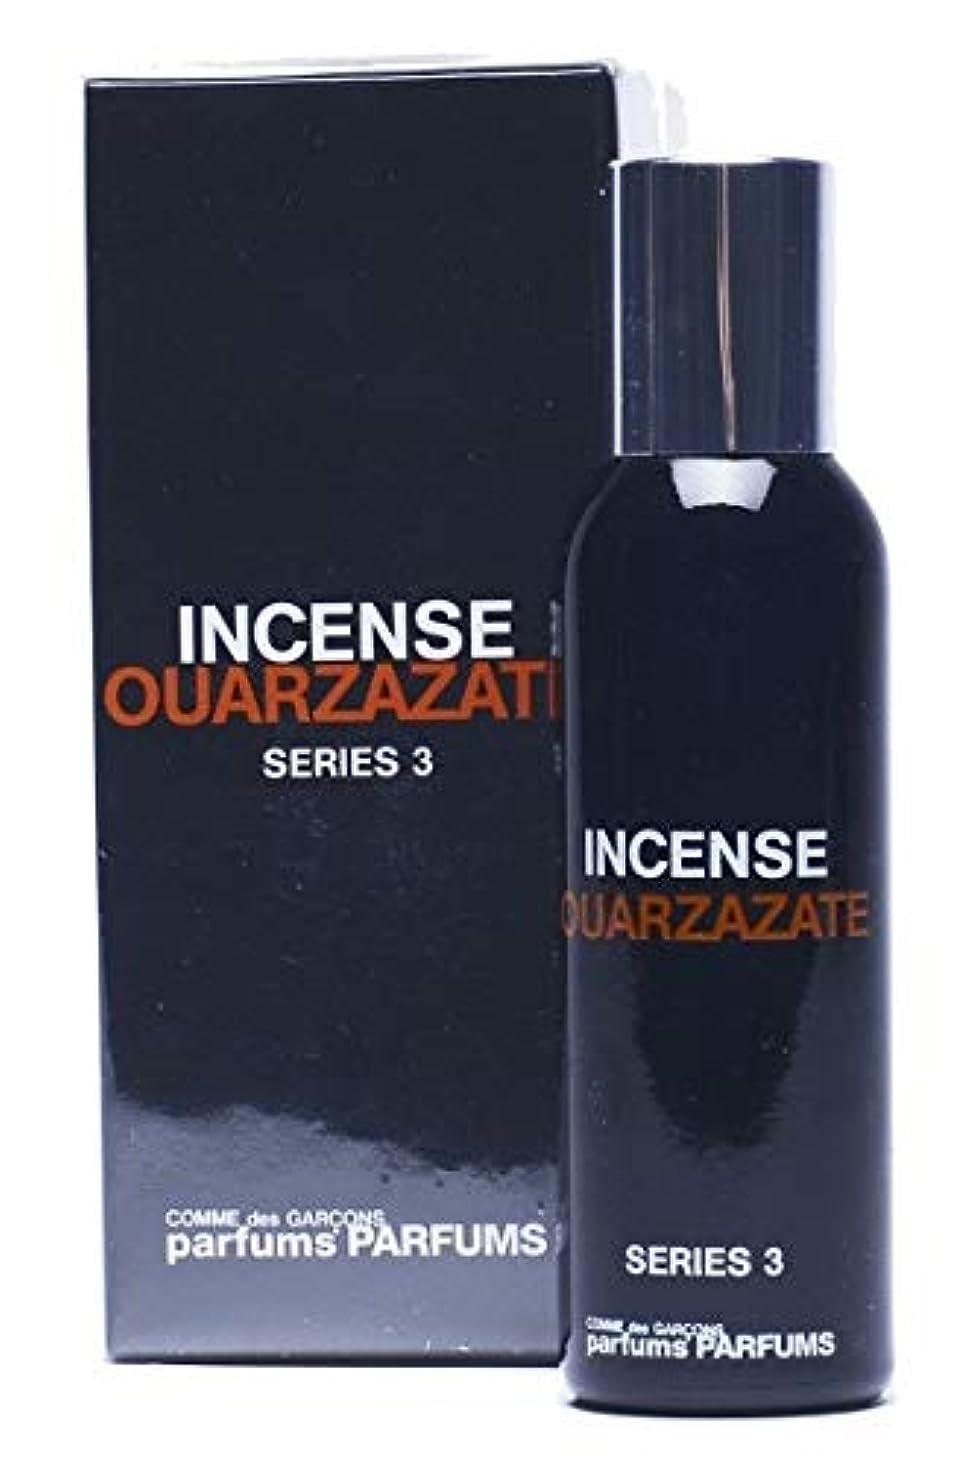 つかむ広告テレックスComme des Garcons Series 3 Incense: Ouarzazate Eau De Toilette 1.7 oz / 50 ml New In Box